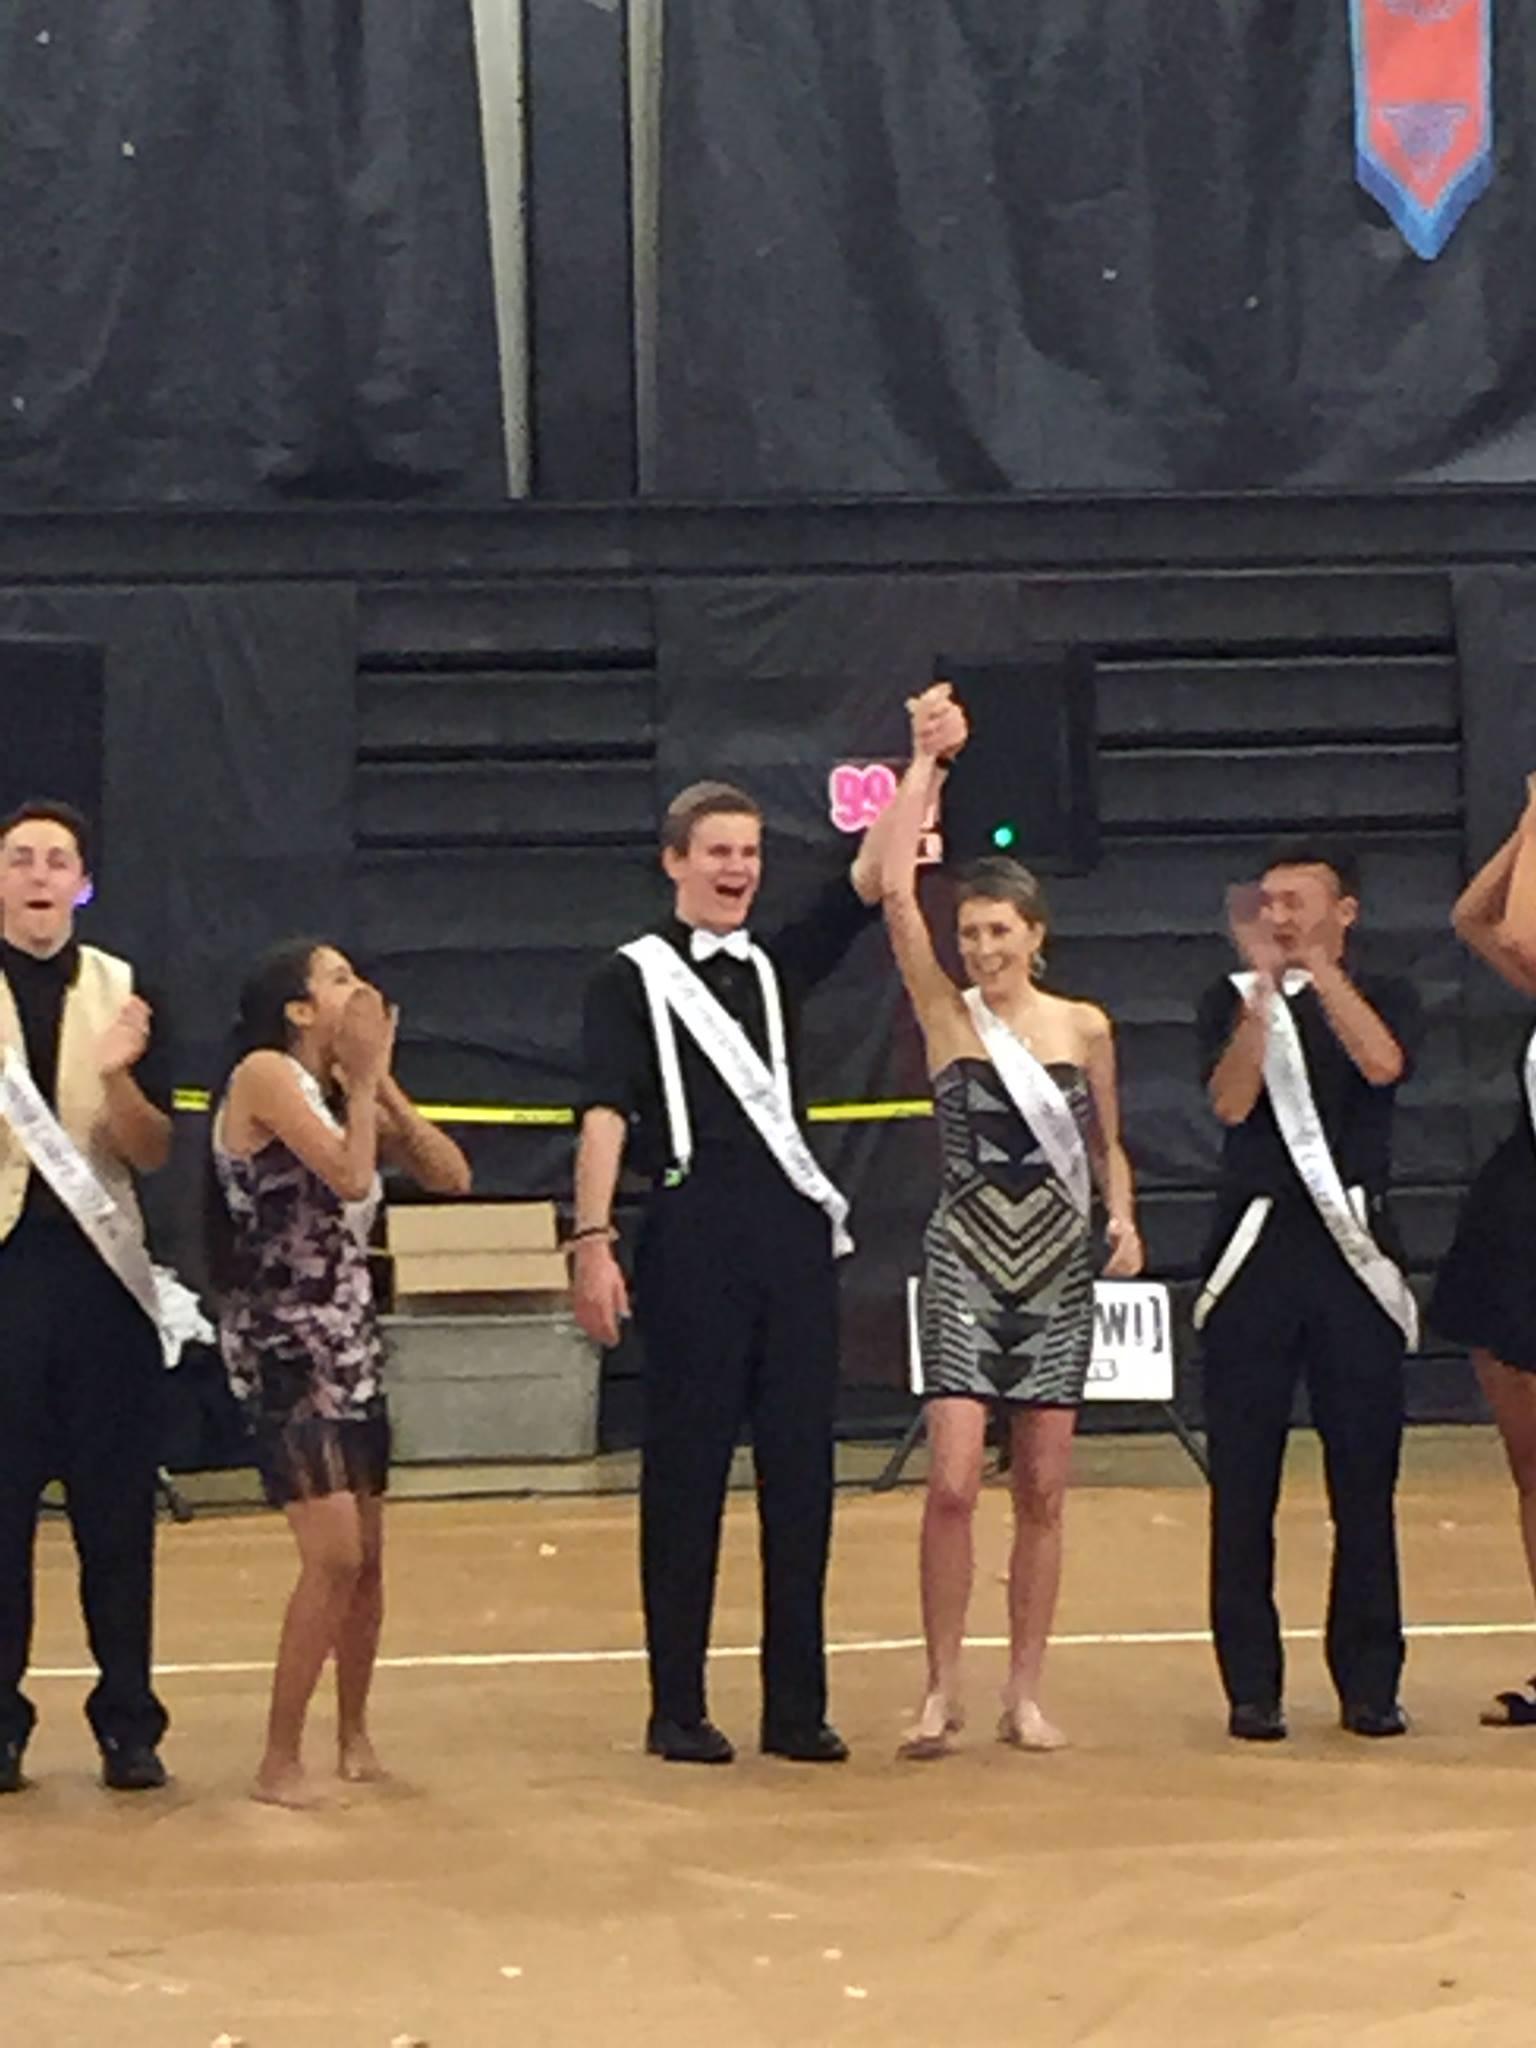 Tessa wins Homecoming Queen